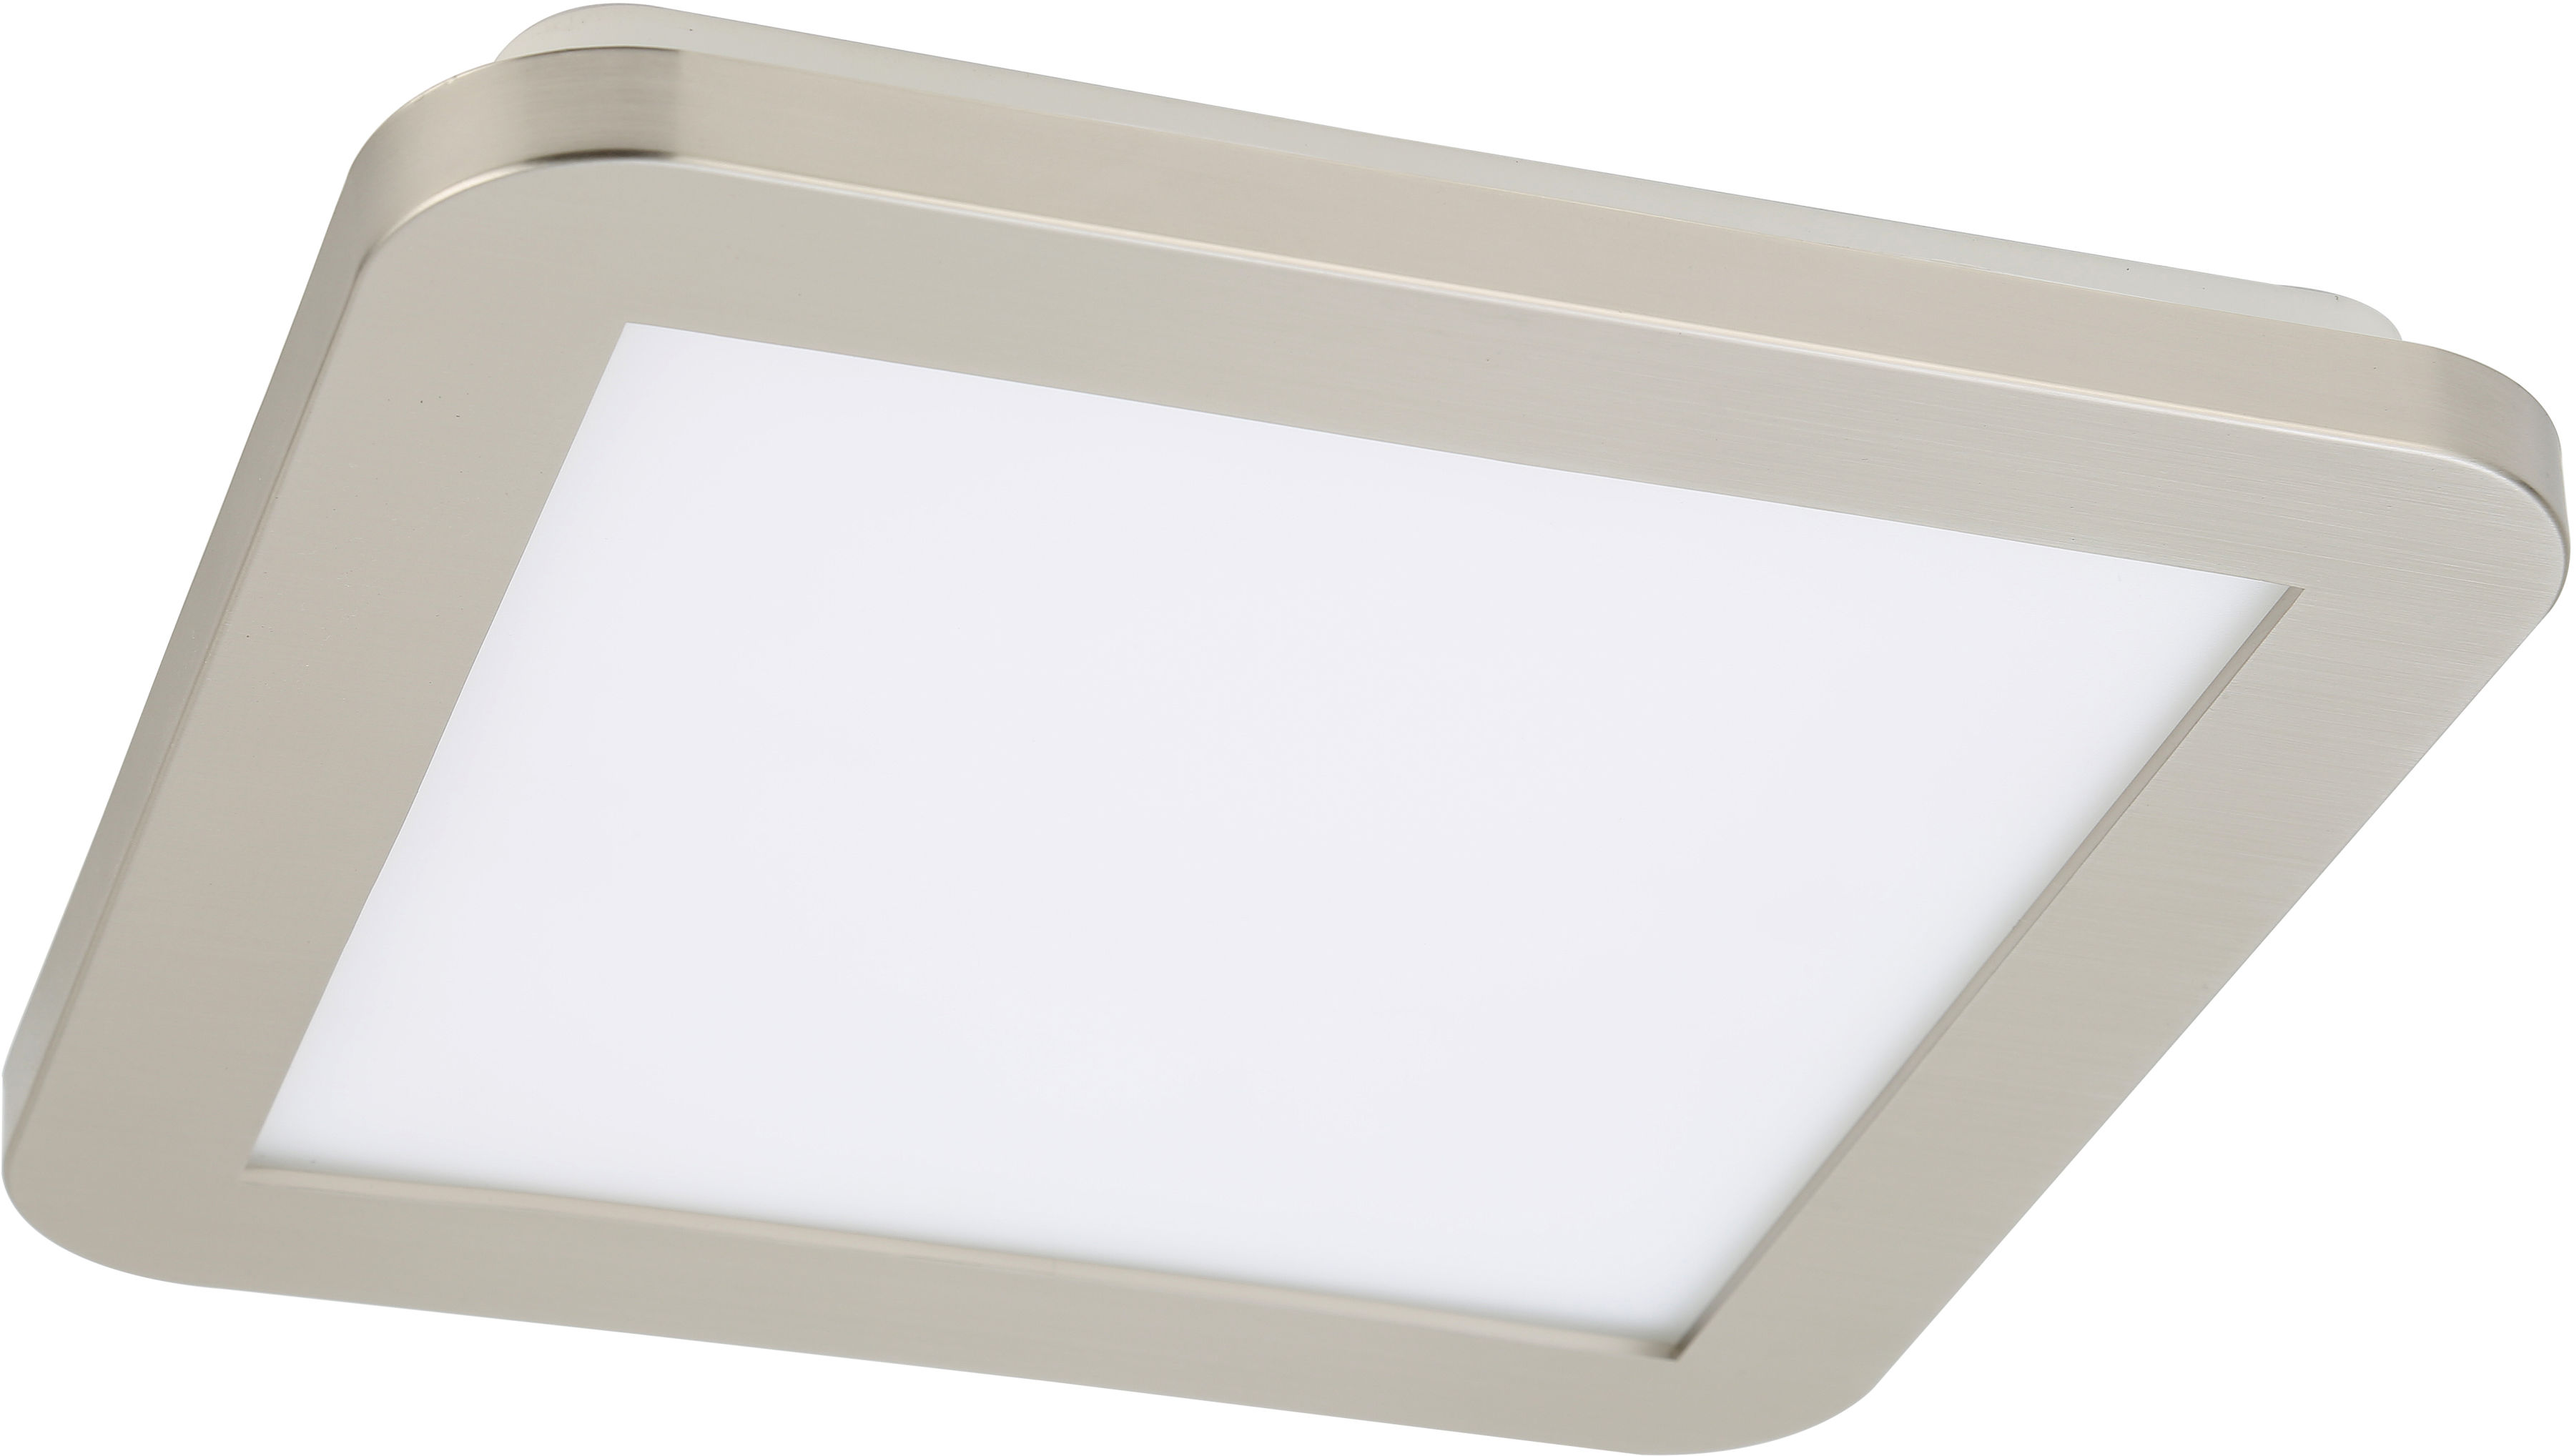 Candellux NEXIT 10-66824 plafon lampa sufitowa satyna nikiel+biały regulacja jasności świecenia 12W LED 3000K 22,5cm IP44